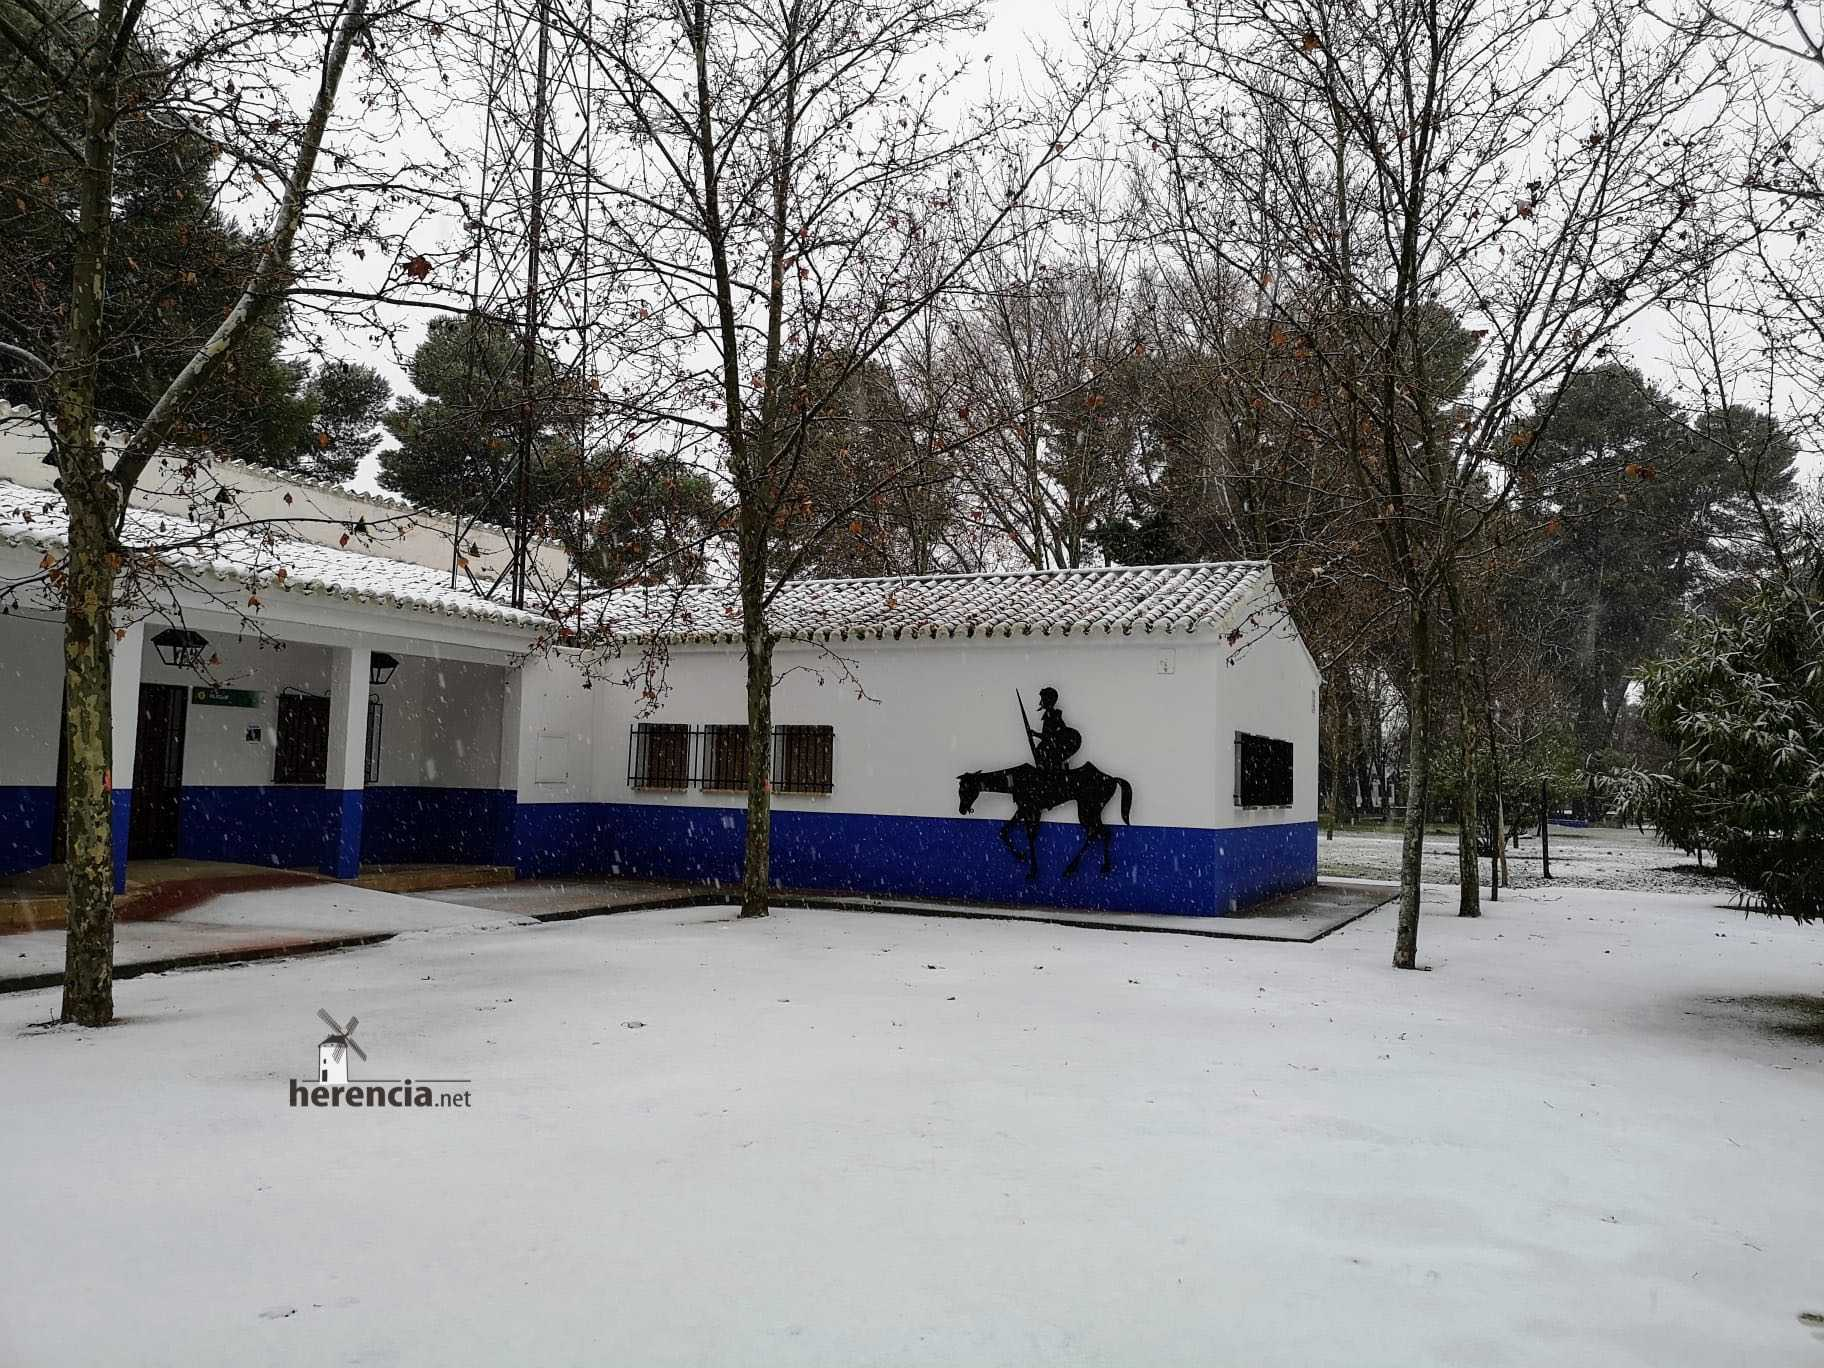 Las nevadas llegan Herencia y a toda Castilla-La Mancha 32